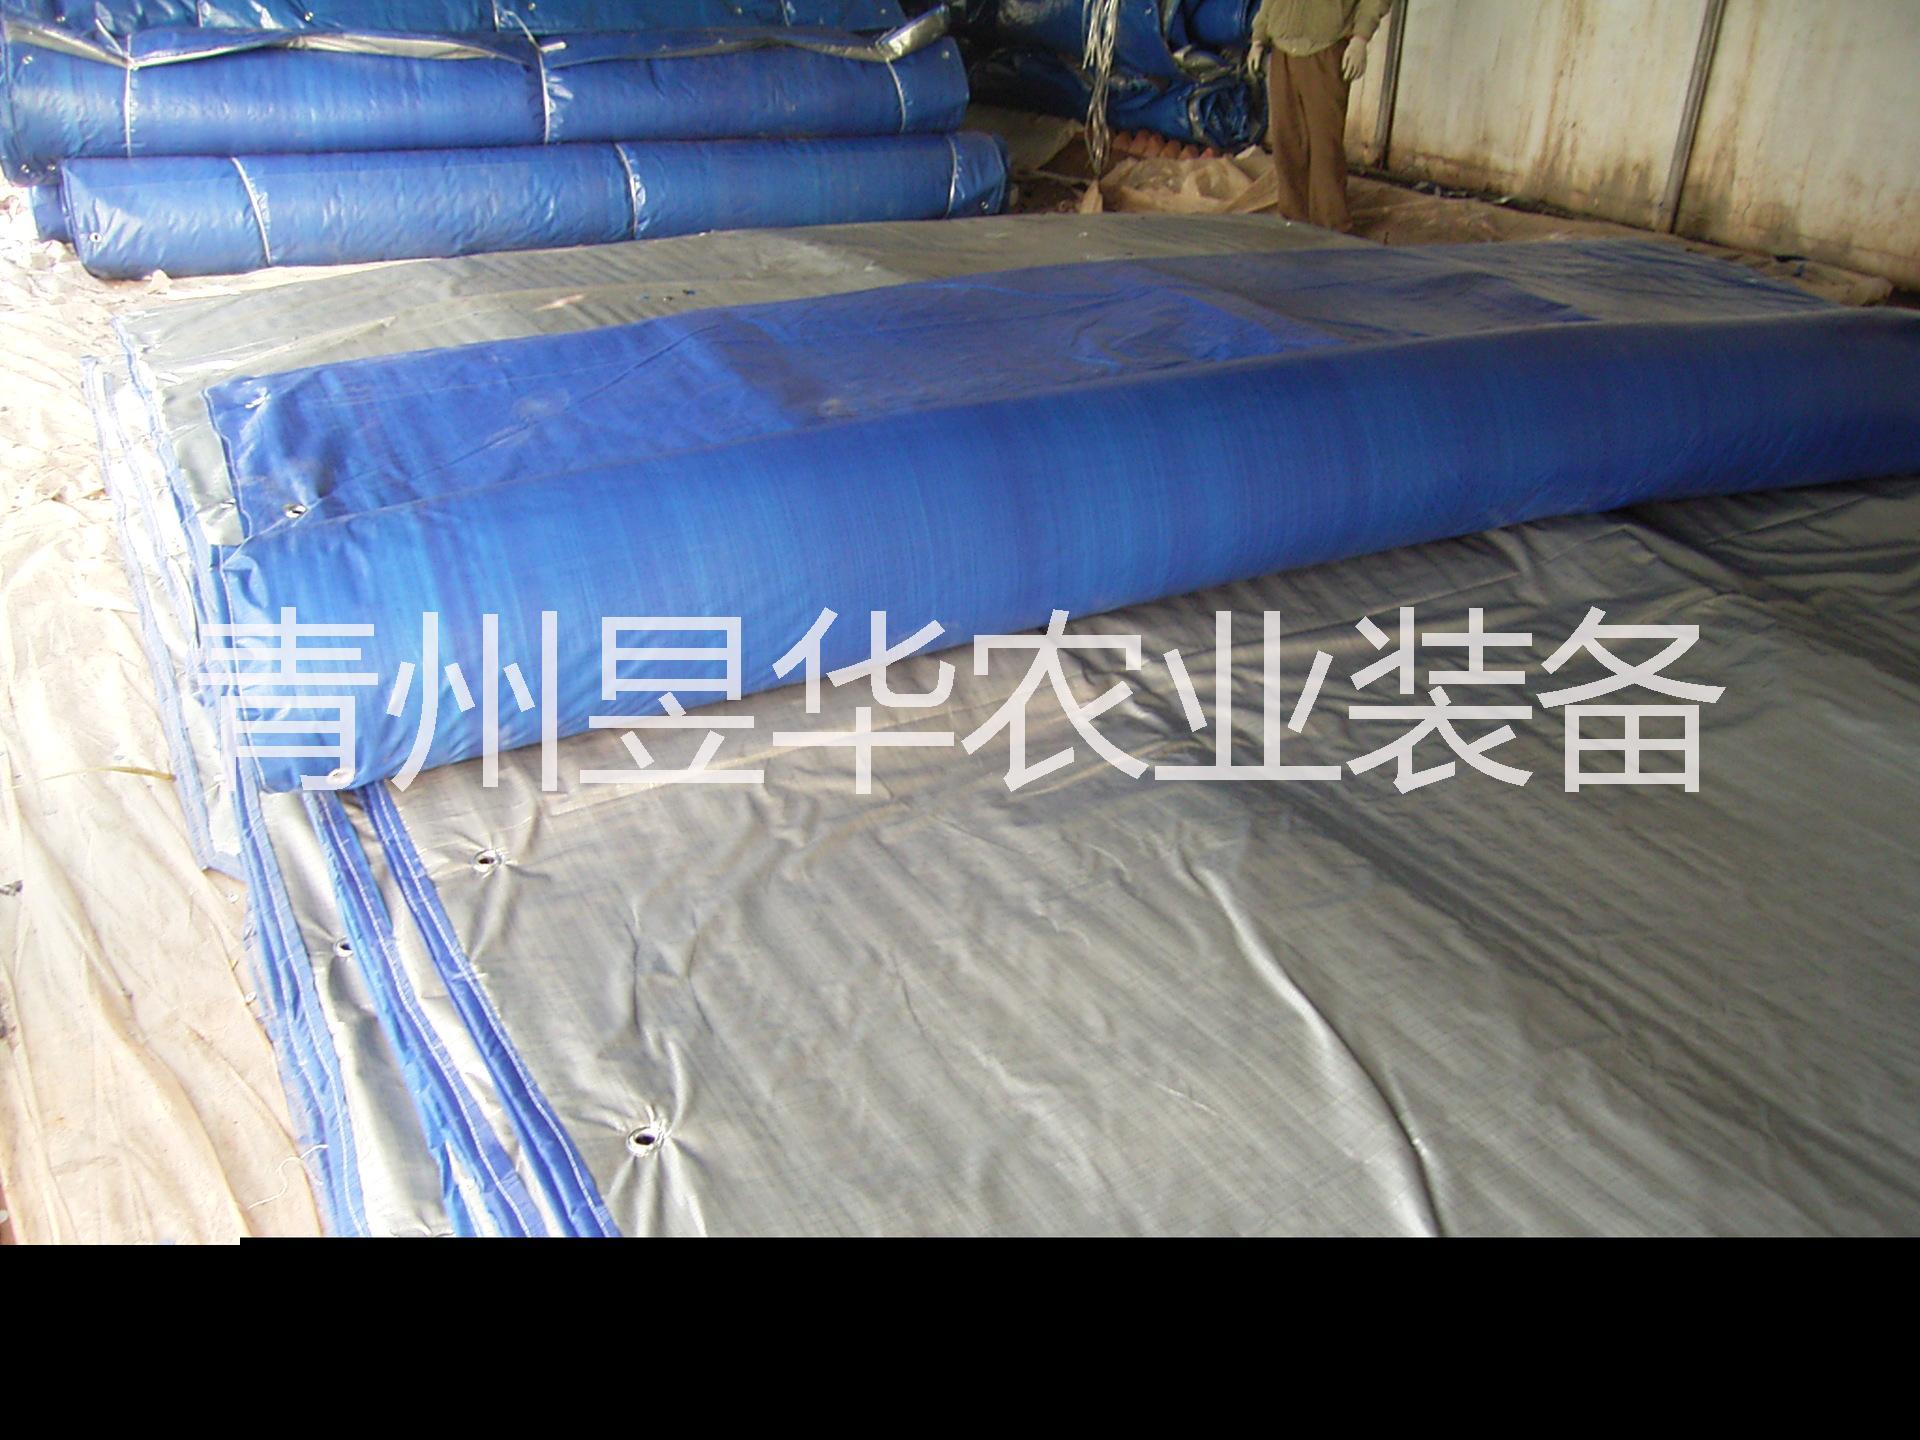 牛筋布防水棉被,黄金布保温被,厂家定制2米保温被